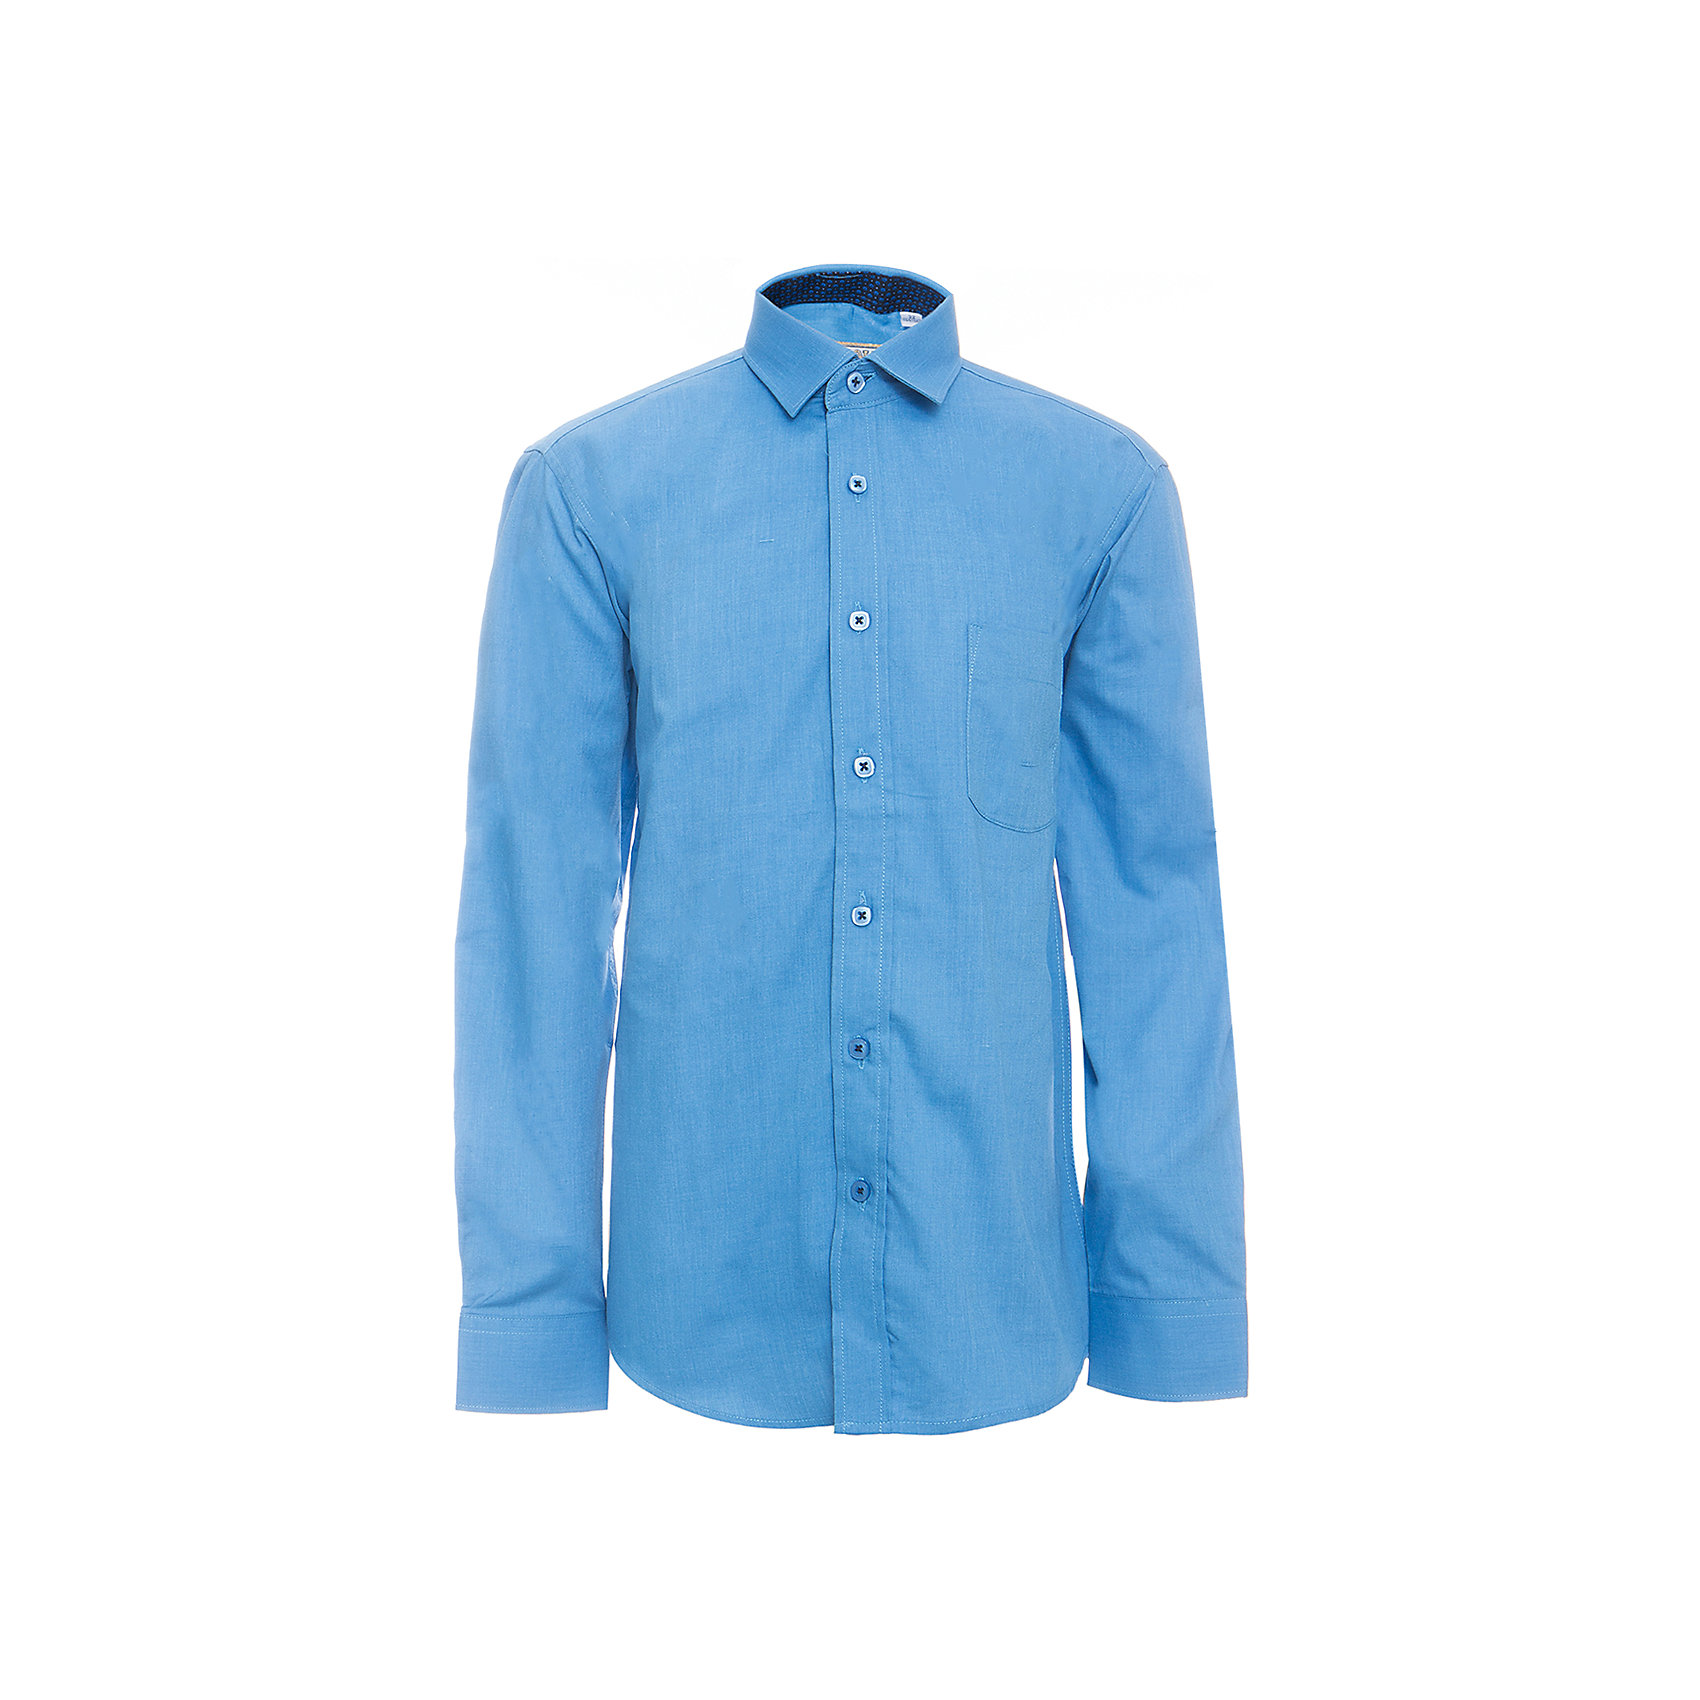 Рубашка для мальчика TsarevichБлузки и рубашки<br>Характеристики товара:<br><br>• цвет: синий<br>• состав ткани: 80% хлопок, 20% полиэстер<br>• особенности: школьная, праздничная<br>• застежка: пуговицы<br>• рукава: длинные<br>• сезон: круглый год<br>• страна бренда: Российская Федерация<br>• страна изготовитель: Китай<br><br>Классическая сорочка для мальчика - отличный вариант практичной и стильной школьной одежды.<br><br>Накладной карман, воротник с отсрочкой, свободный крой, классическая форма, дышащая ткань с преобладанием хлопка - красиво и удобно.<br><br>Рубашку для мальчика Tsarevich (Царевич) можно купить в нашем интернет-магазине.<br><br>Ширина мм: 174<br>Глубина мм: 10<br>Высота мм: 169<br>Вес г: 157<br>Цвет: синий<br>Возраст от месяцев: 120<br>Возраст до месяцев: 132<br>Пол: Мужской<br>Возраст: Детский<br>Размер: 146/152,152/158,158/164,152/158,164/170,122/128,128/134,134/140,140/146,146/152<br>SKU: 6860699